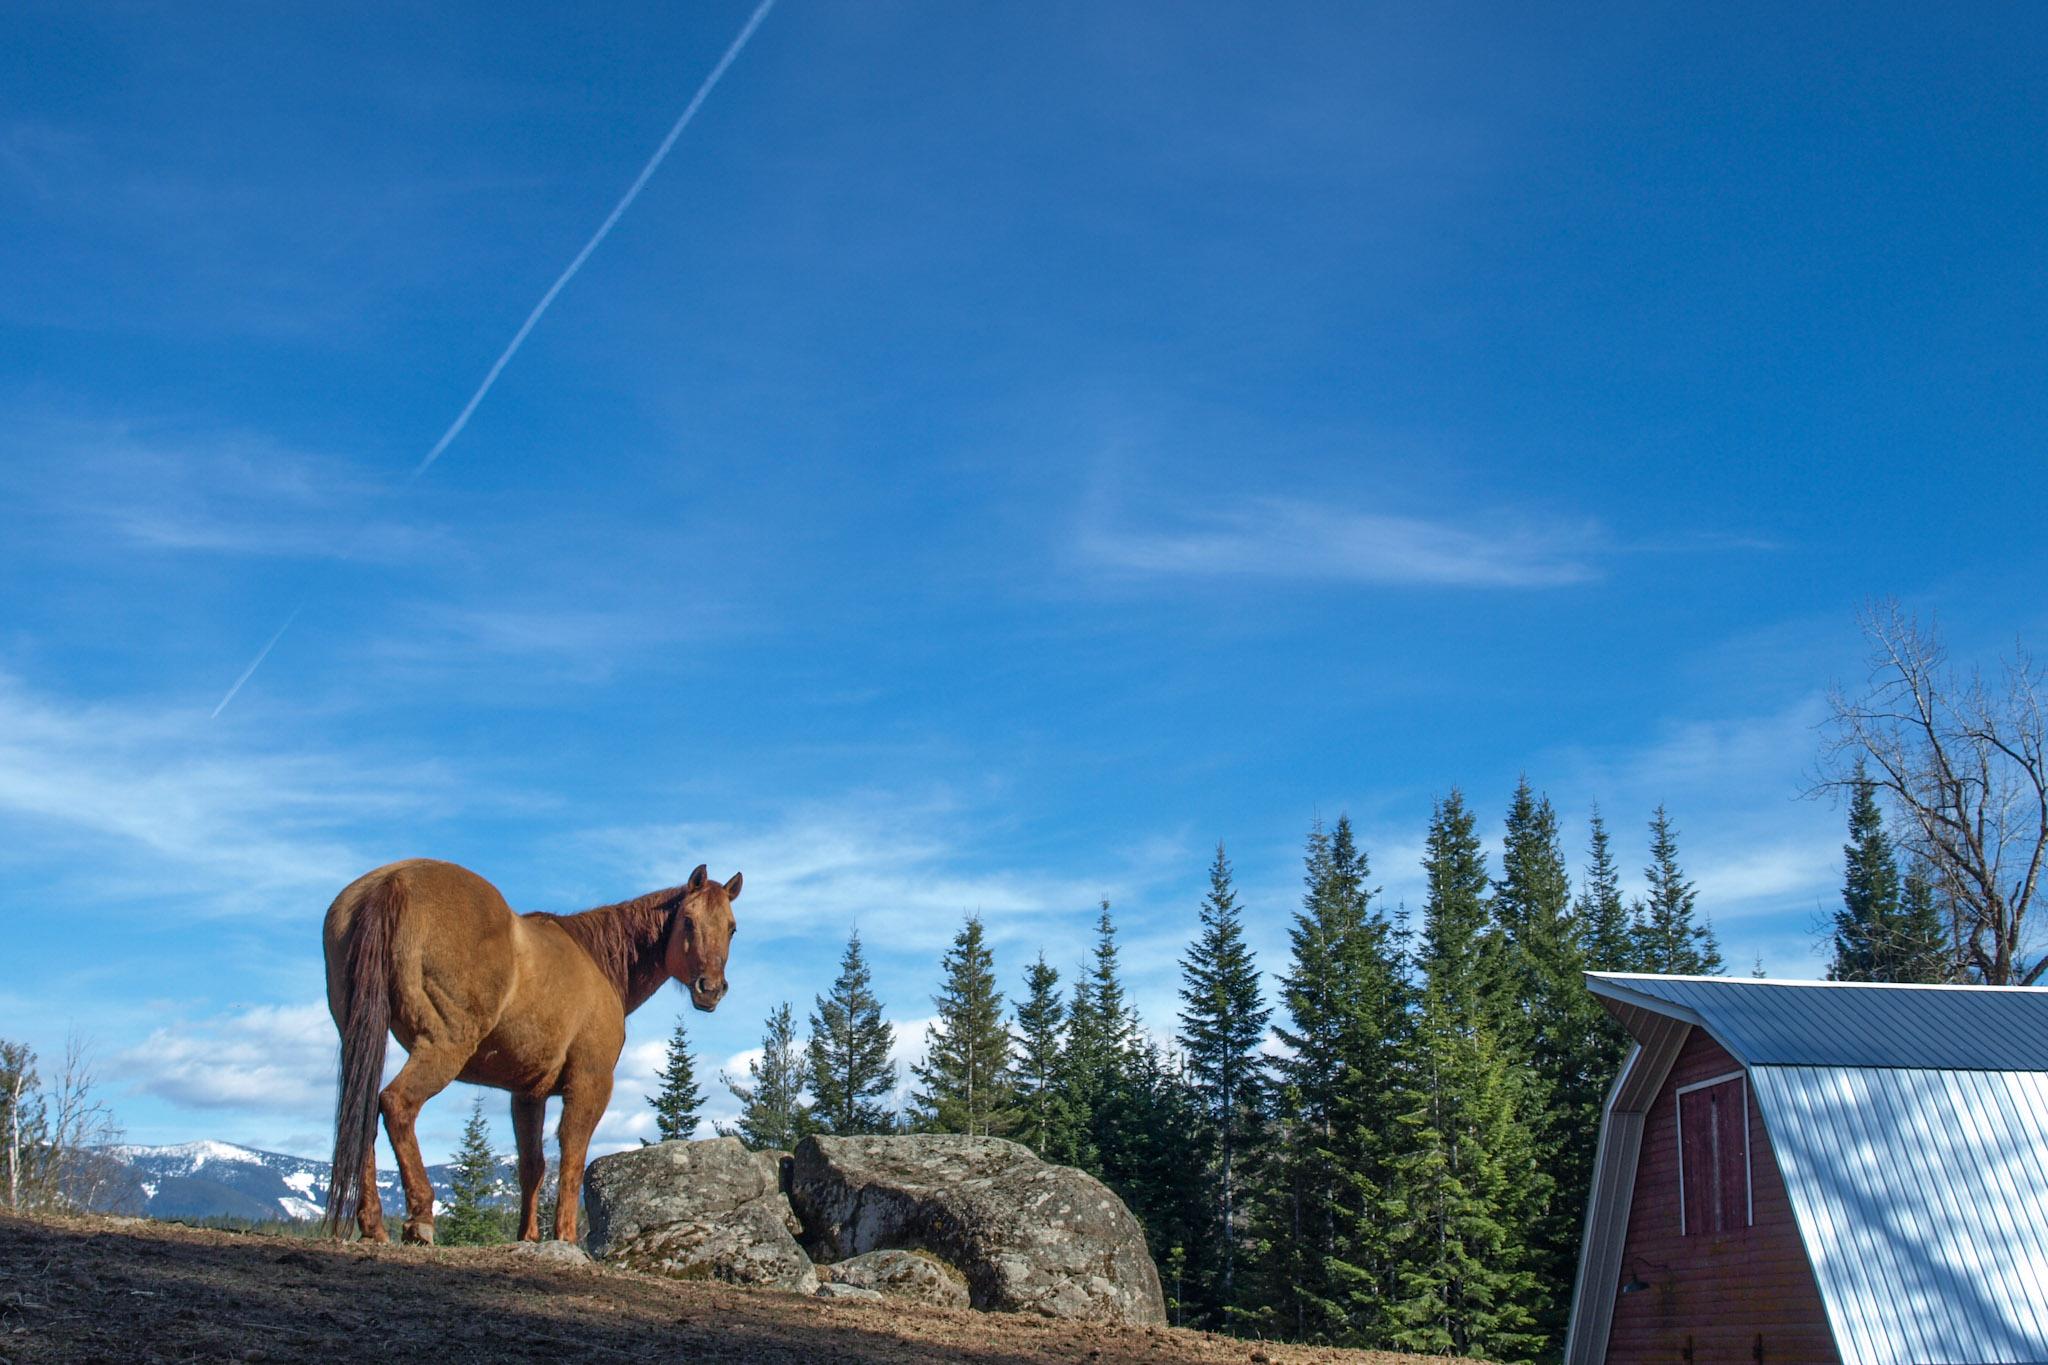 Western Pleasure Guest Ranch - Idaho Ranch History